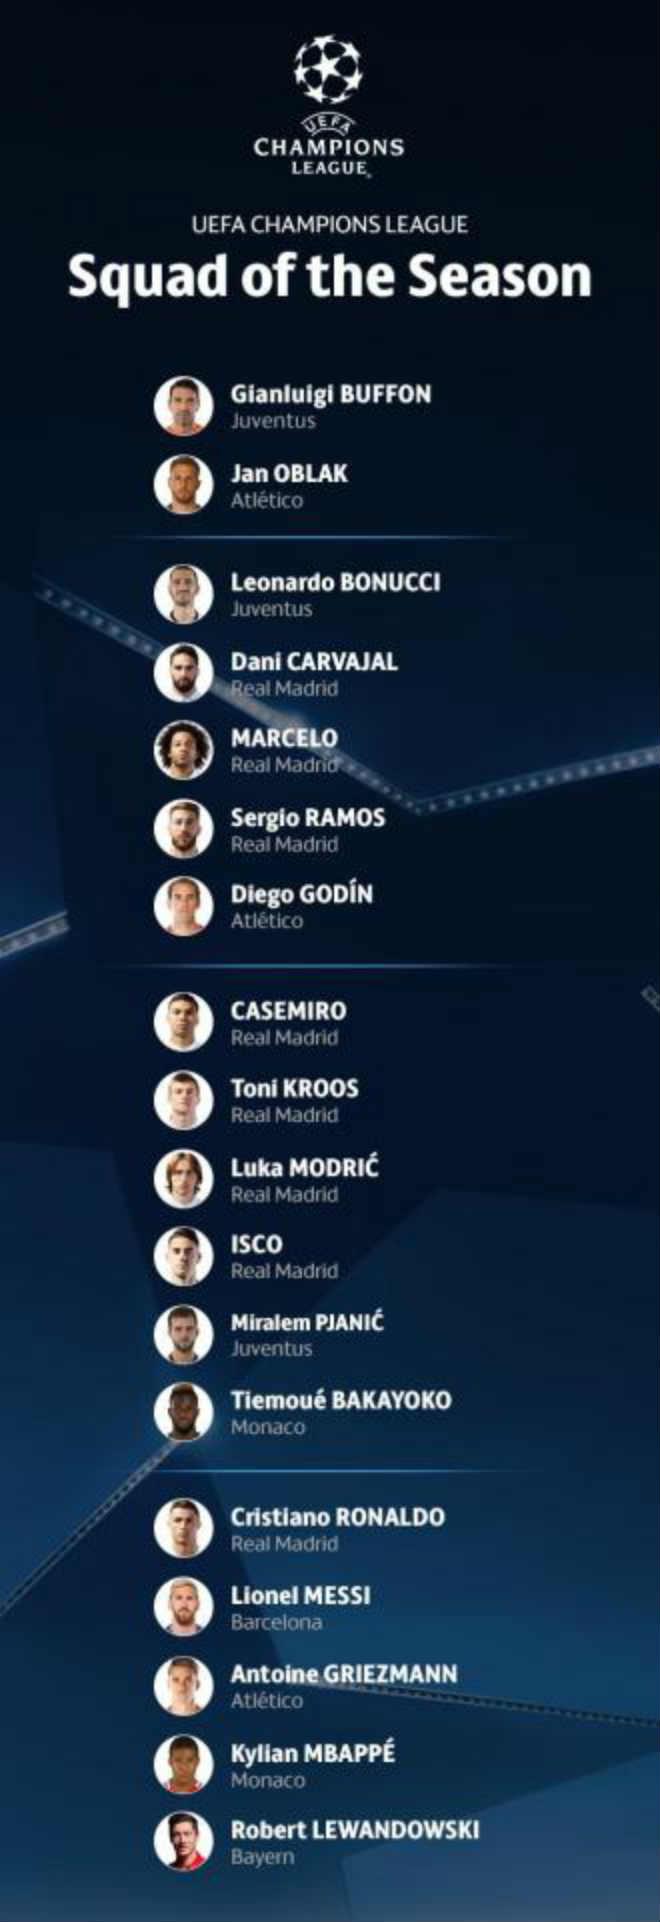 Đội hình hay nhất Cúp C1: Real Madrid góp 8 SAO, Barca chỉ có 1 - 2